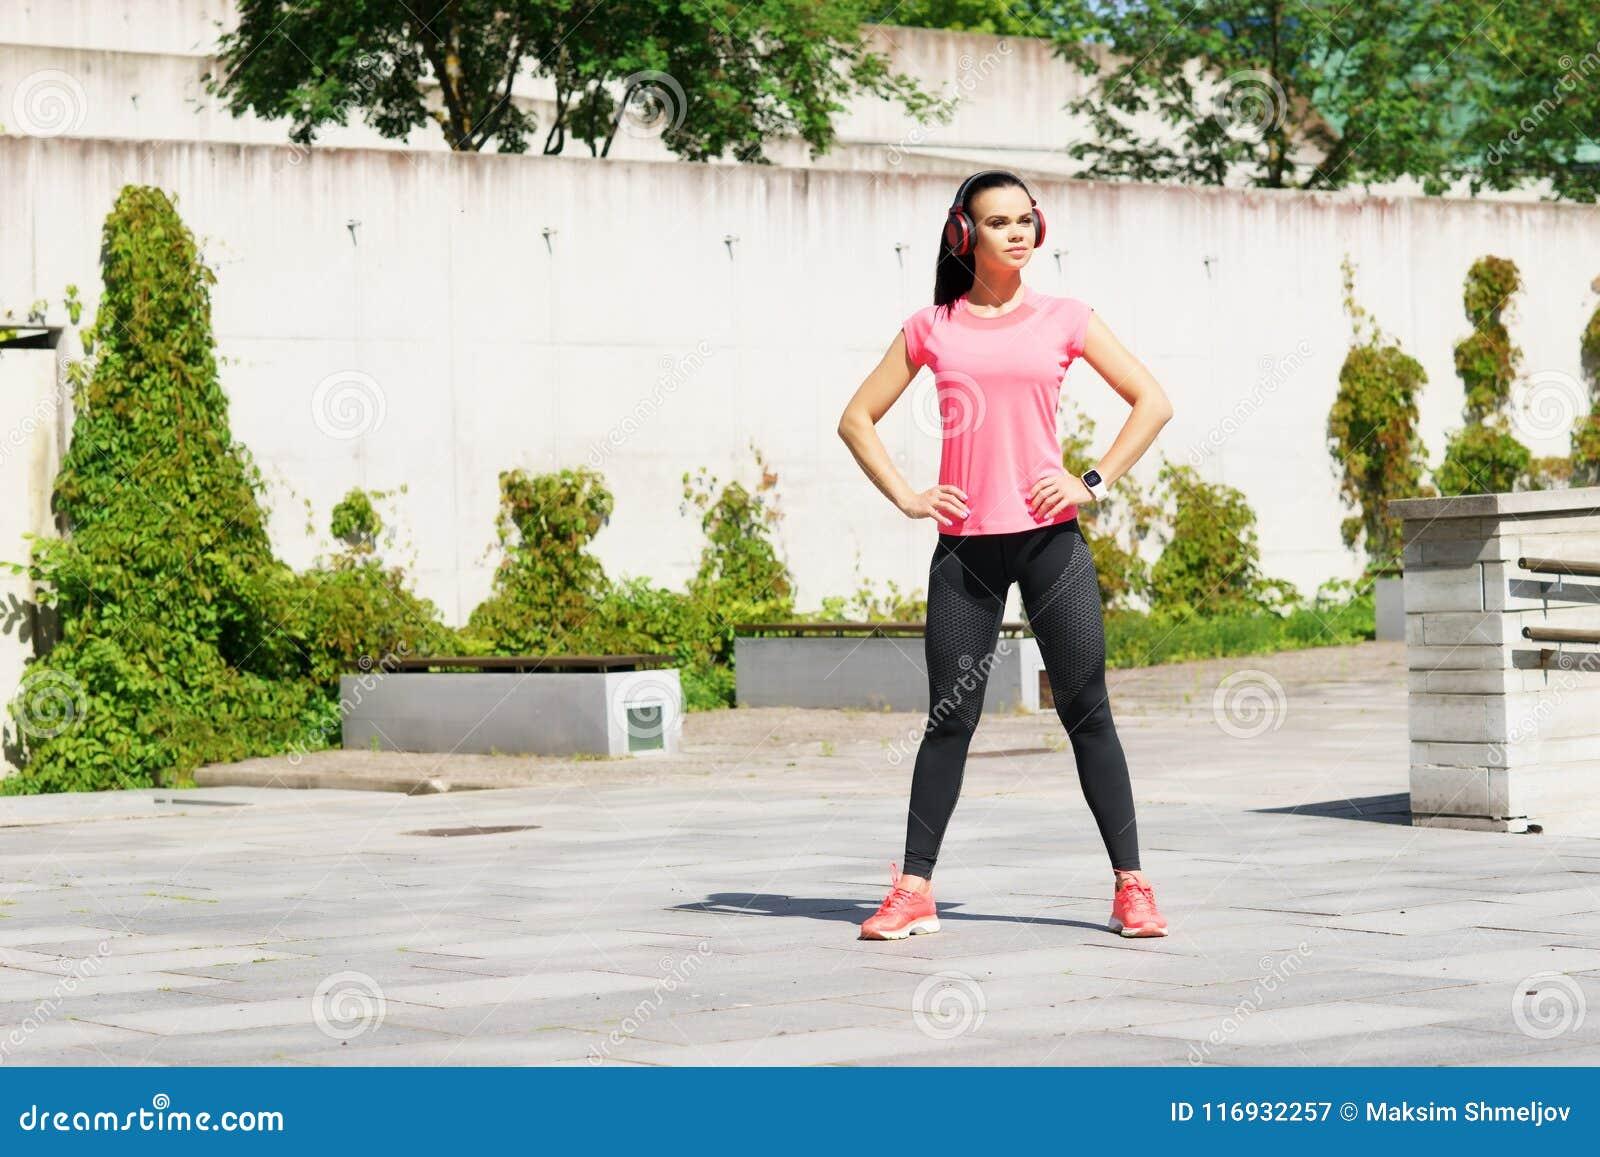 Jovens, ajuste e menina desportiva na rua Aptidão, esporte, movimentar-se urbano e conceito saudável do estilo de vida